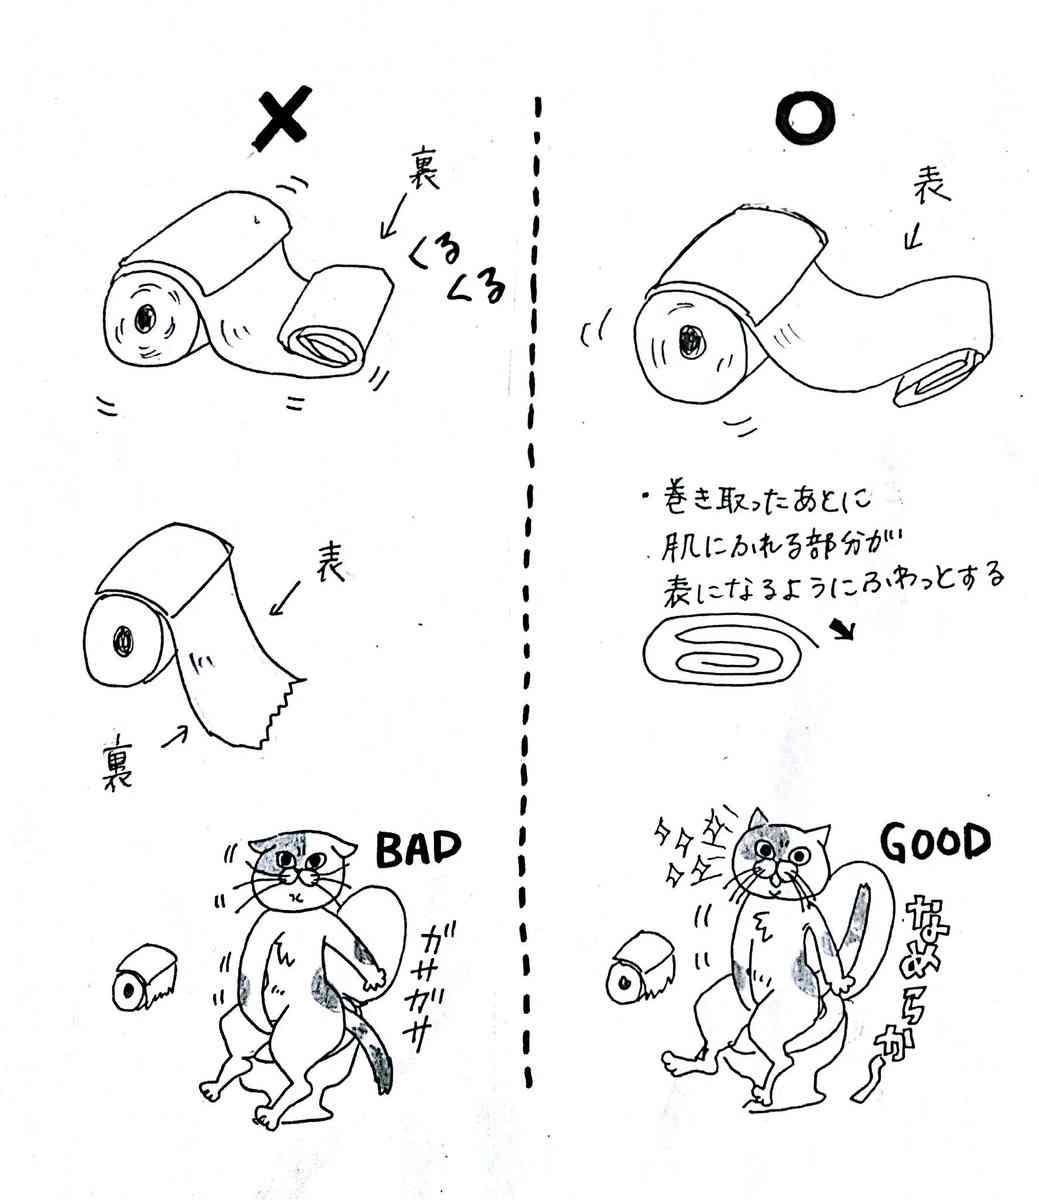 意外なトイレ習慣